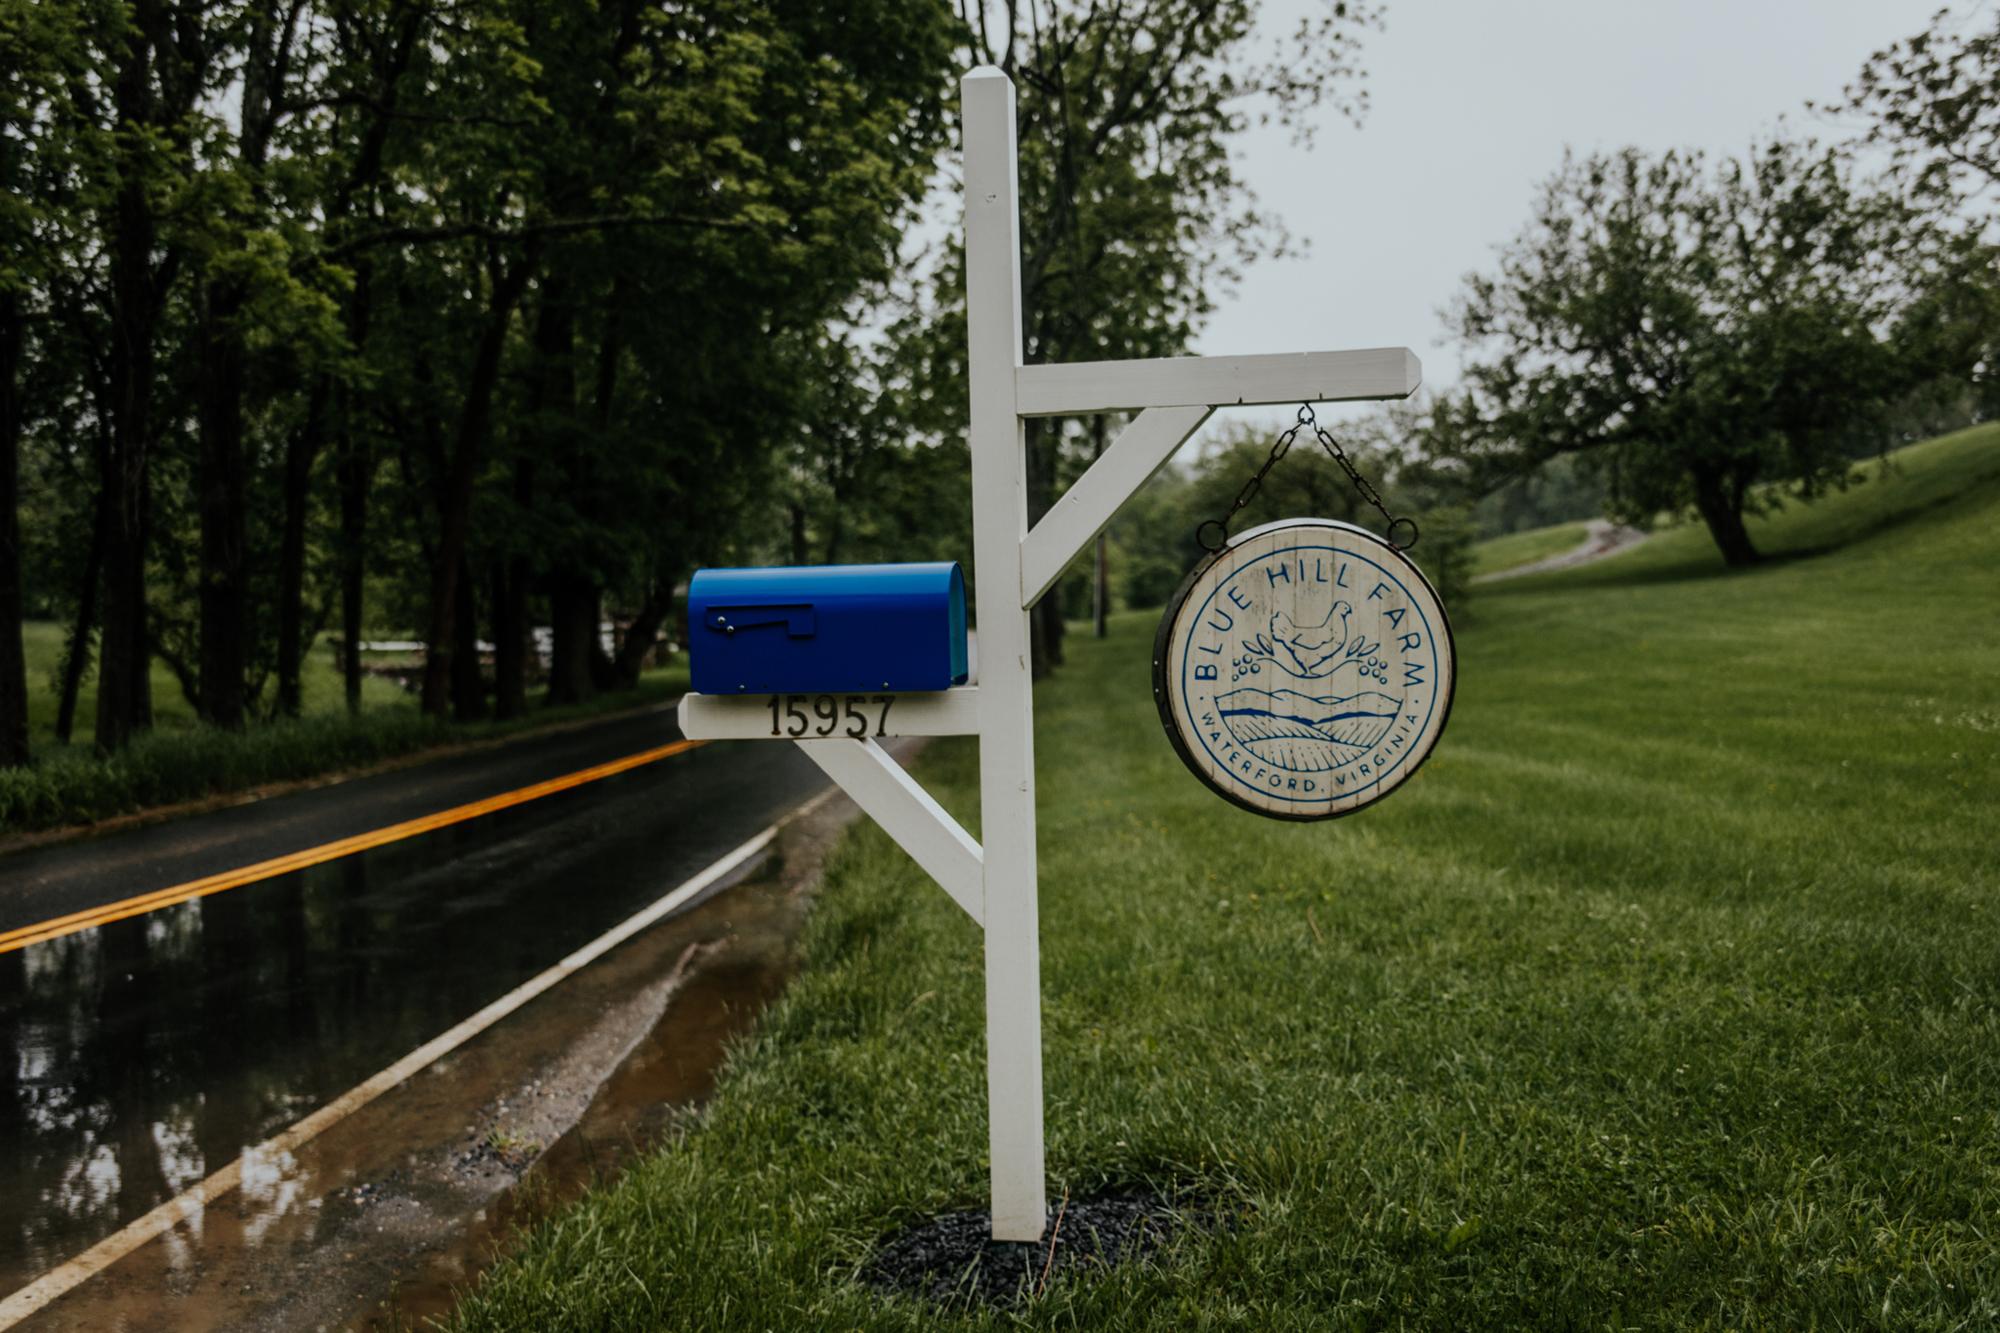 002-Blue_Hill_Farm_Waterford_Virginia.jpg